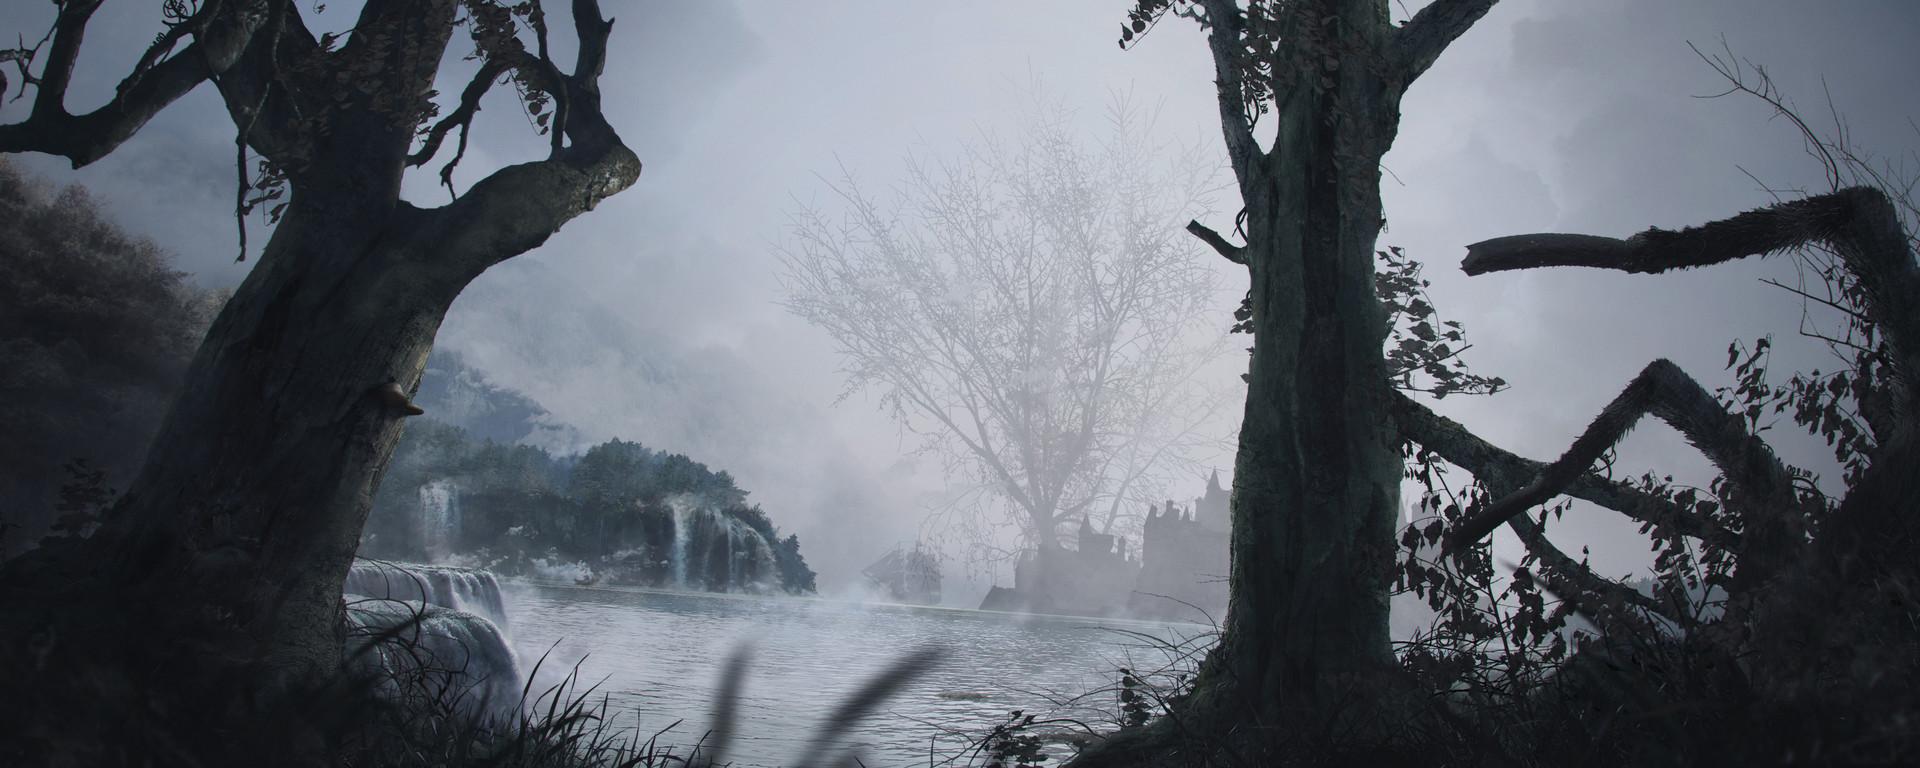 Tamas gyerman waterfallv08